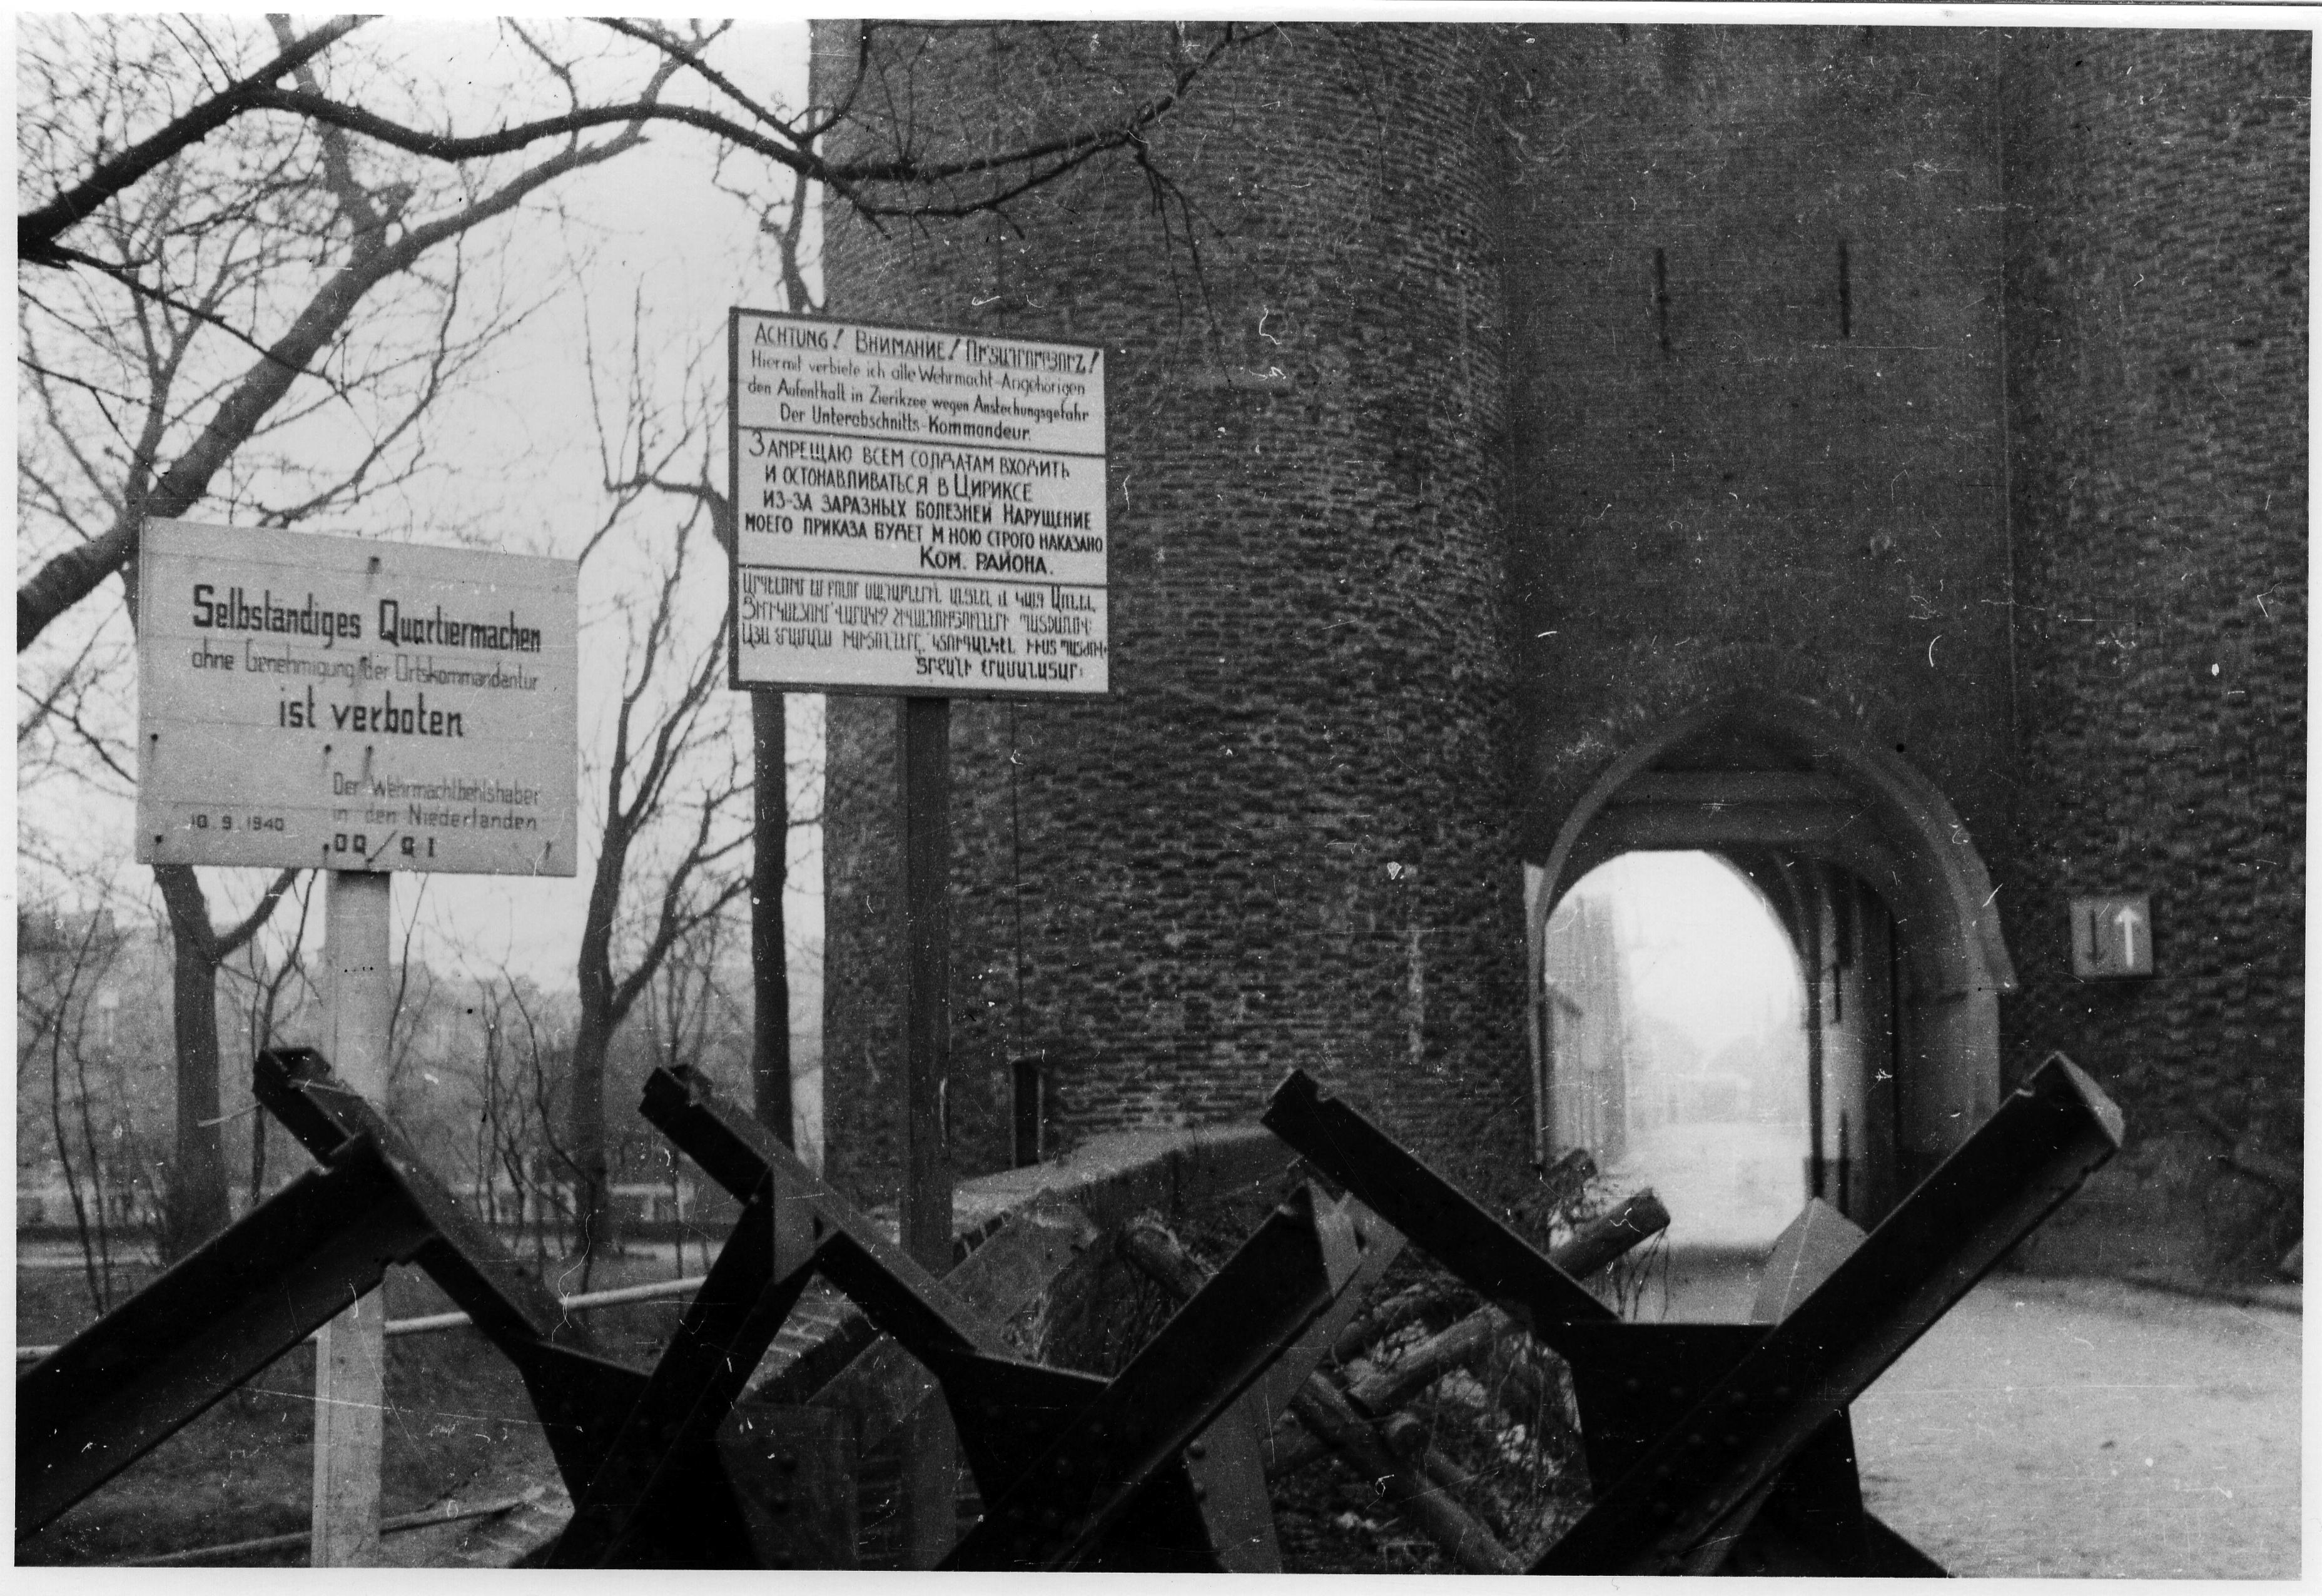 Op deze foto wordt een bord getoond bij de Nobelpoort in Zierikzee waarop de toegang tot de stad wordt ontzegd vanwege het besmettingsgevaar met difterie. De boodschap is in het Duits, Russisch én Armeens. (Bron: Museumhaven Zeeland)